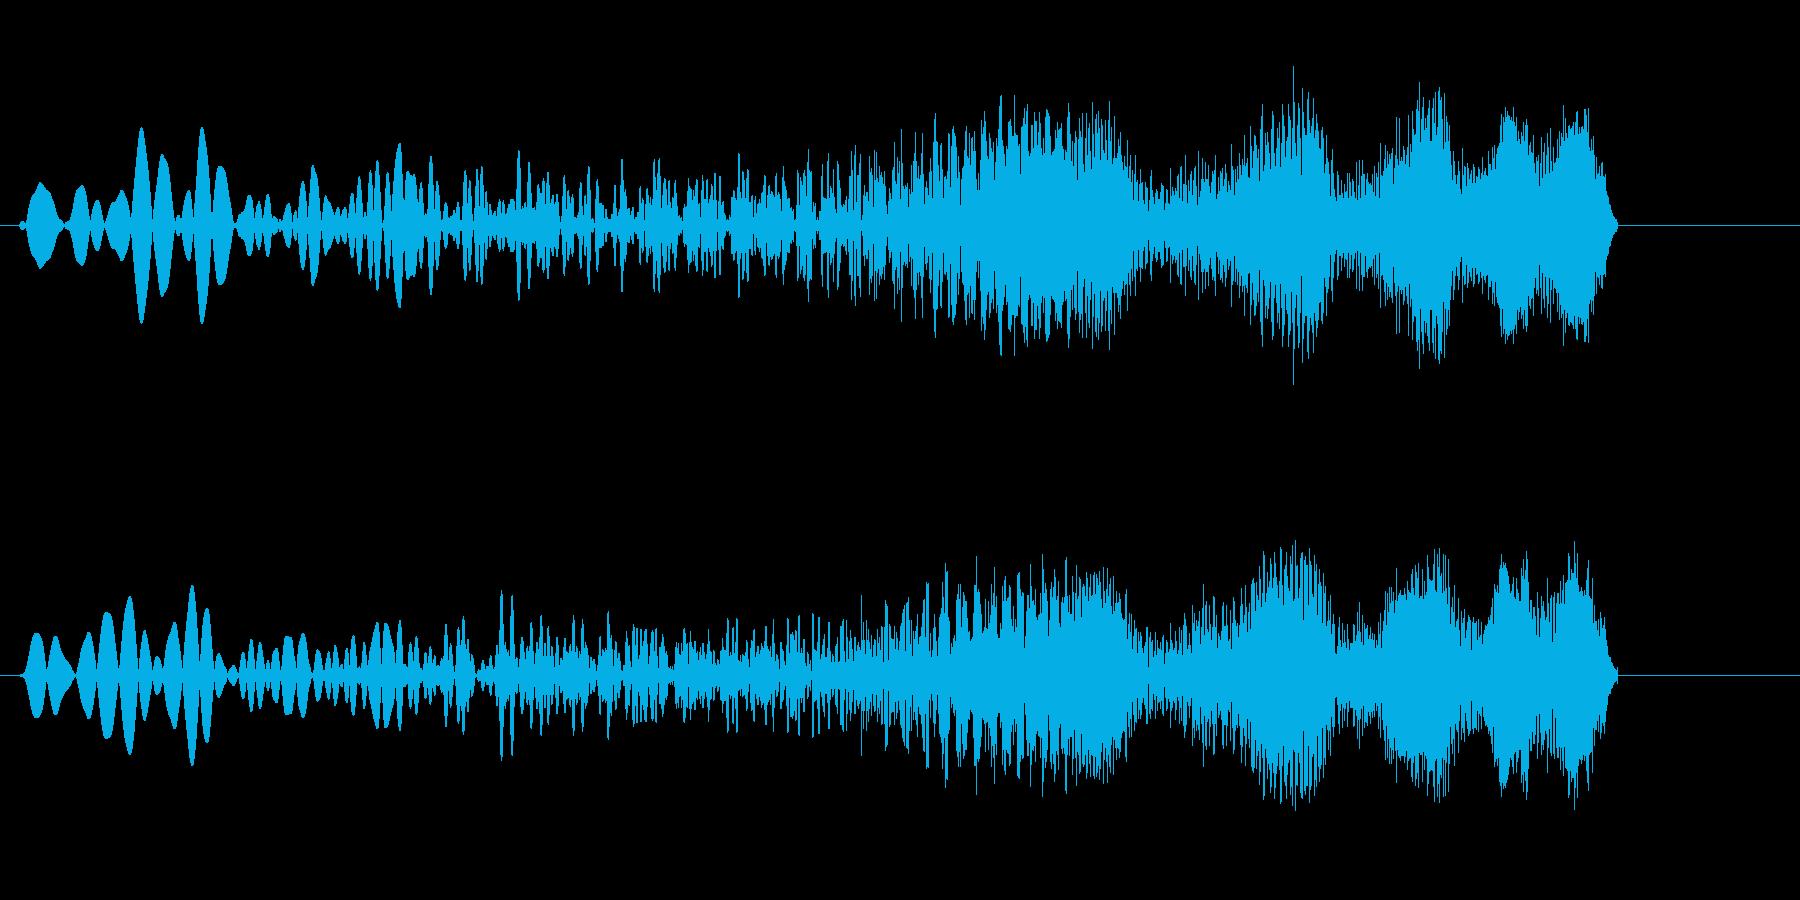 キュワーン(アップ系)高めの再生済みの波形